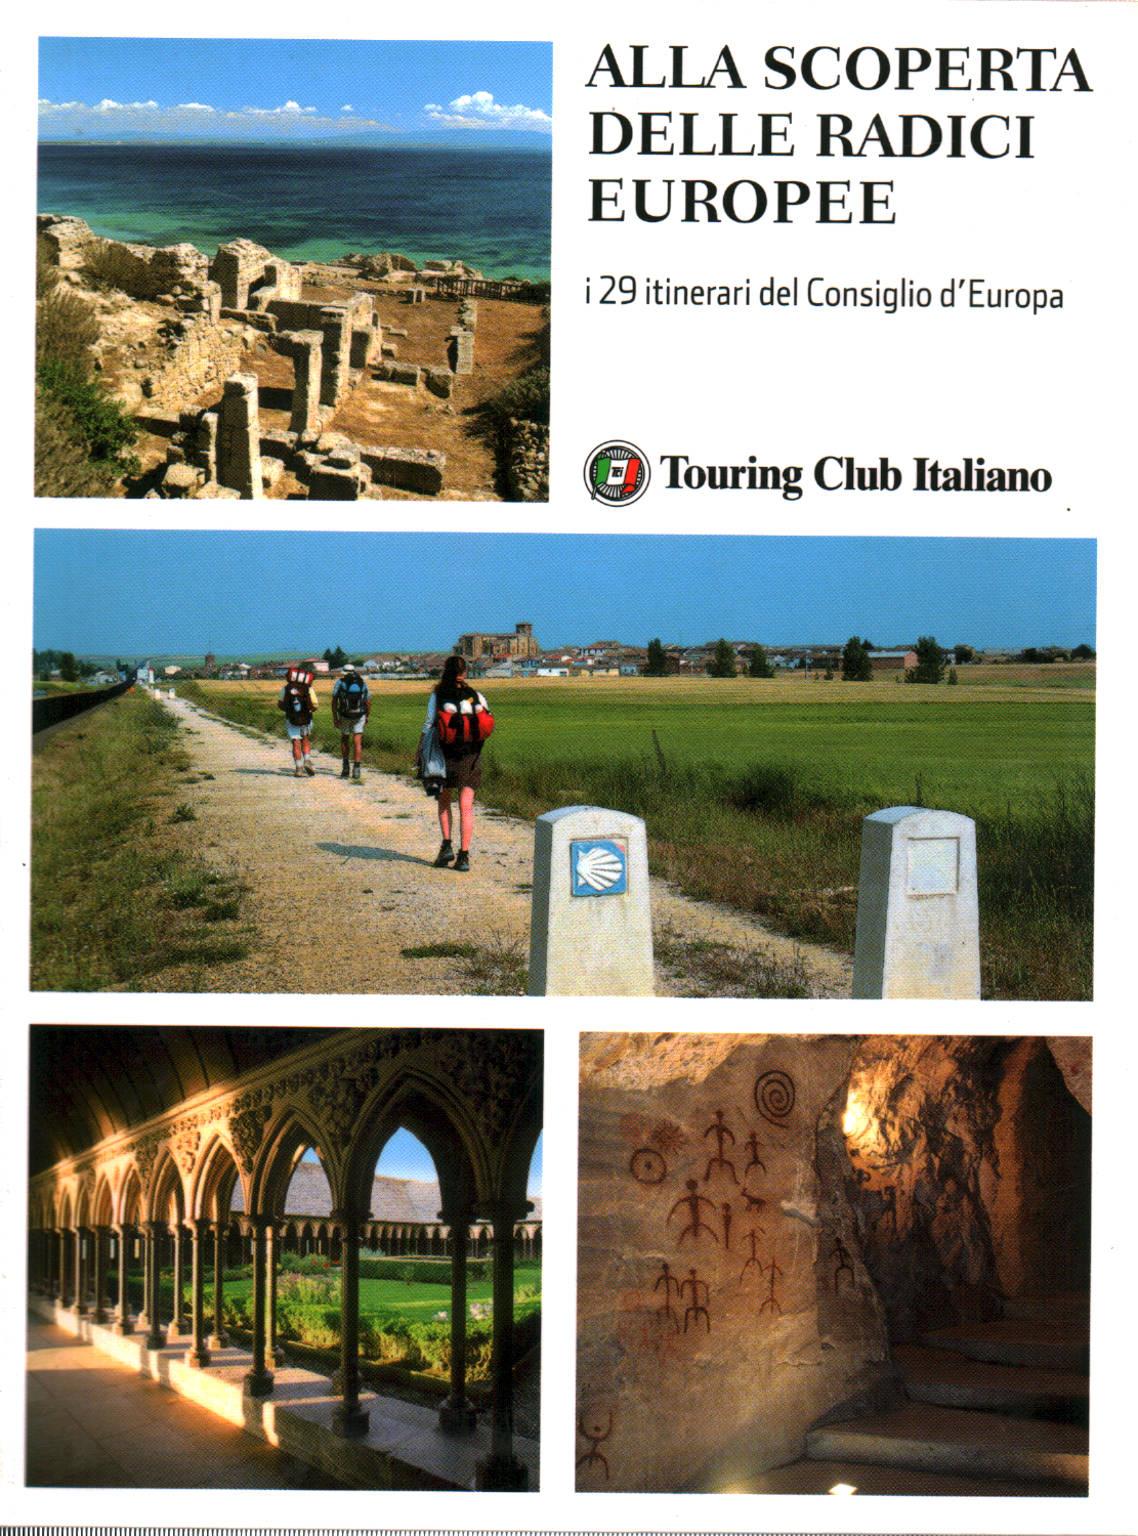 """Risultato immagini per Touring club italiano – """"Alla scoperta delle radici europee"""""""